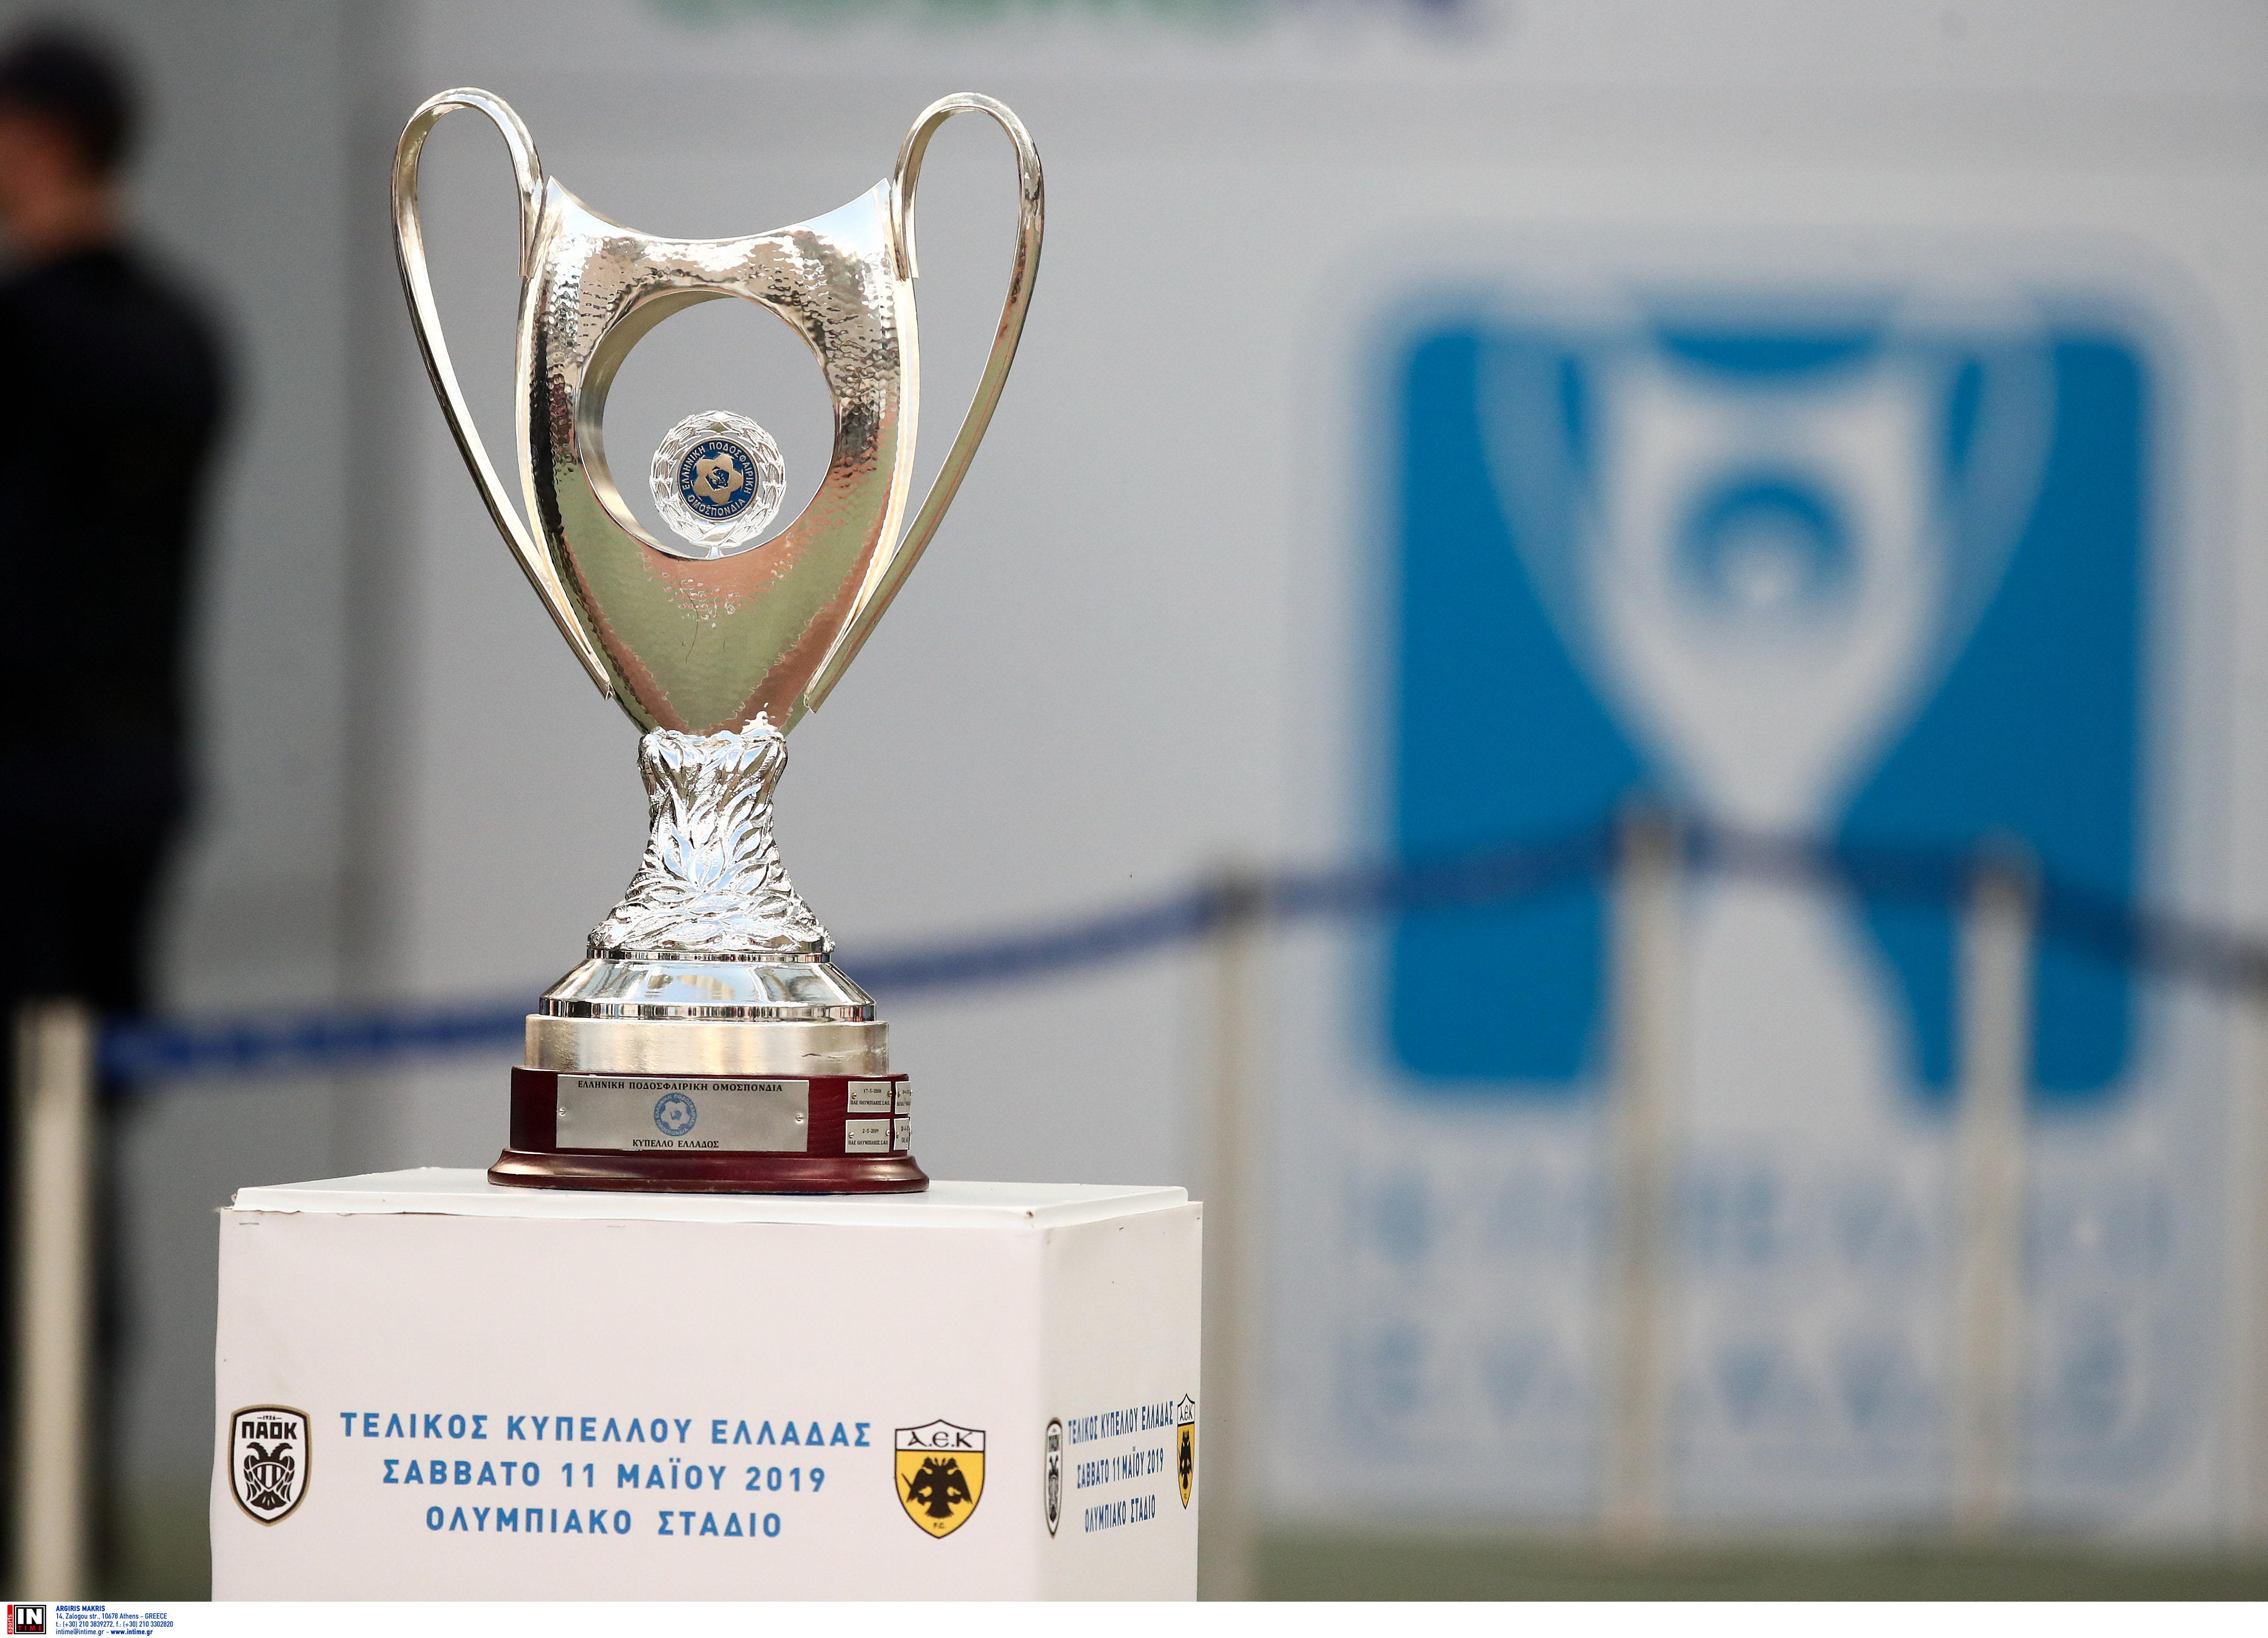 Κύπελλο Ελλάδας: Το αναλυτικό πρόγραμμα της πρώτης φάσης